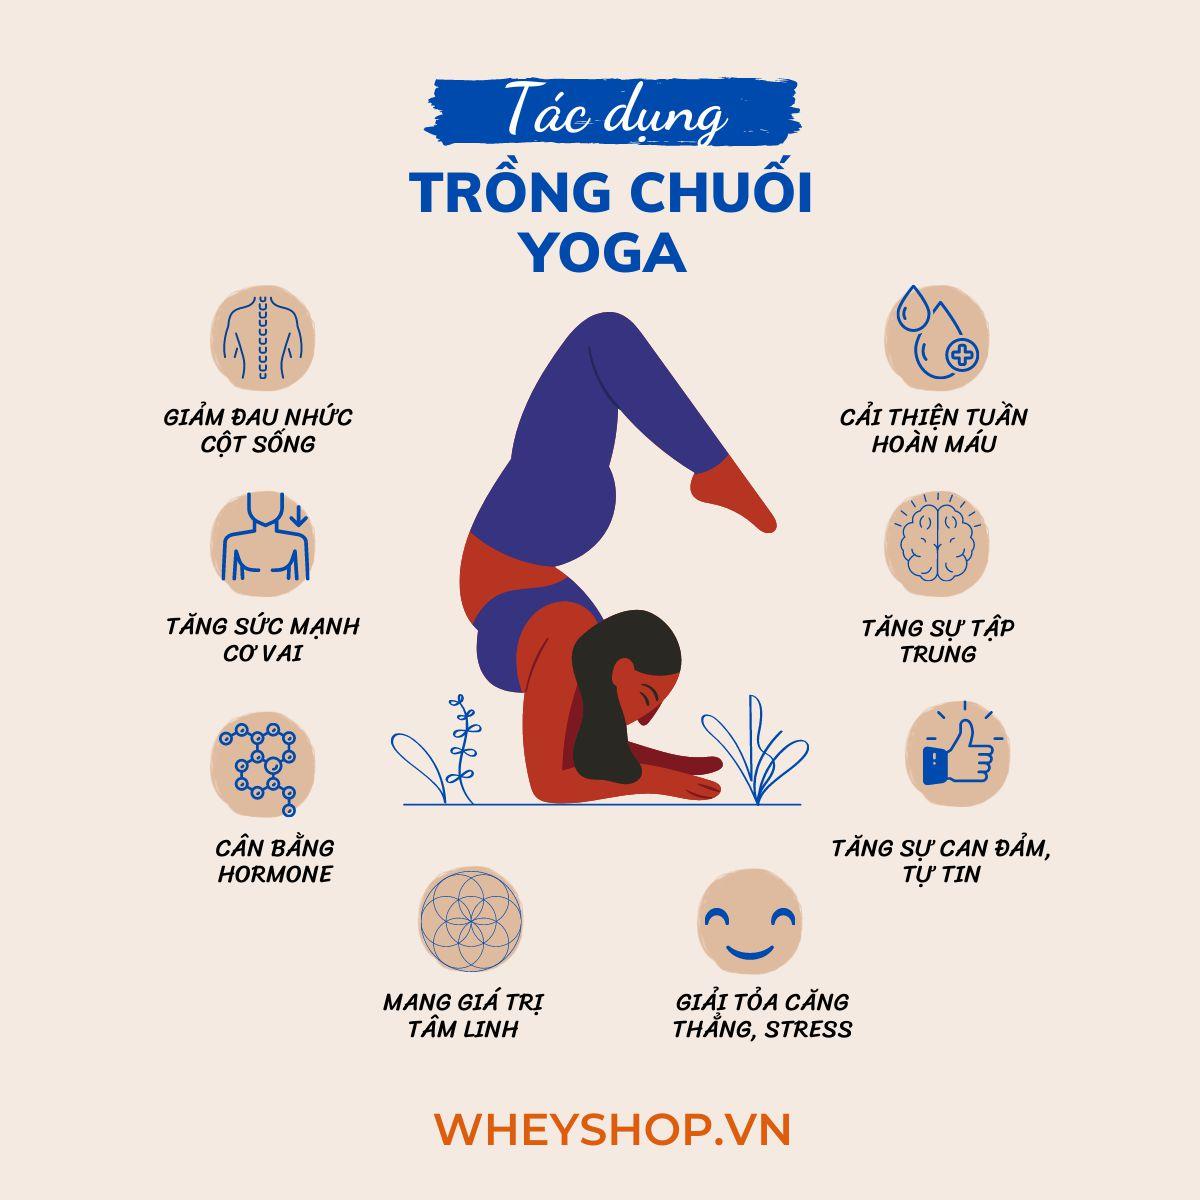 Thực hành tư thế trồng chuối Yoga giúp bạn khoe được những đường cong mềm mại trên cơ thể đồng thời nhận được nhiều lợi ích cho sức khỏe. Vậy thì tư thế...